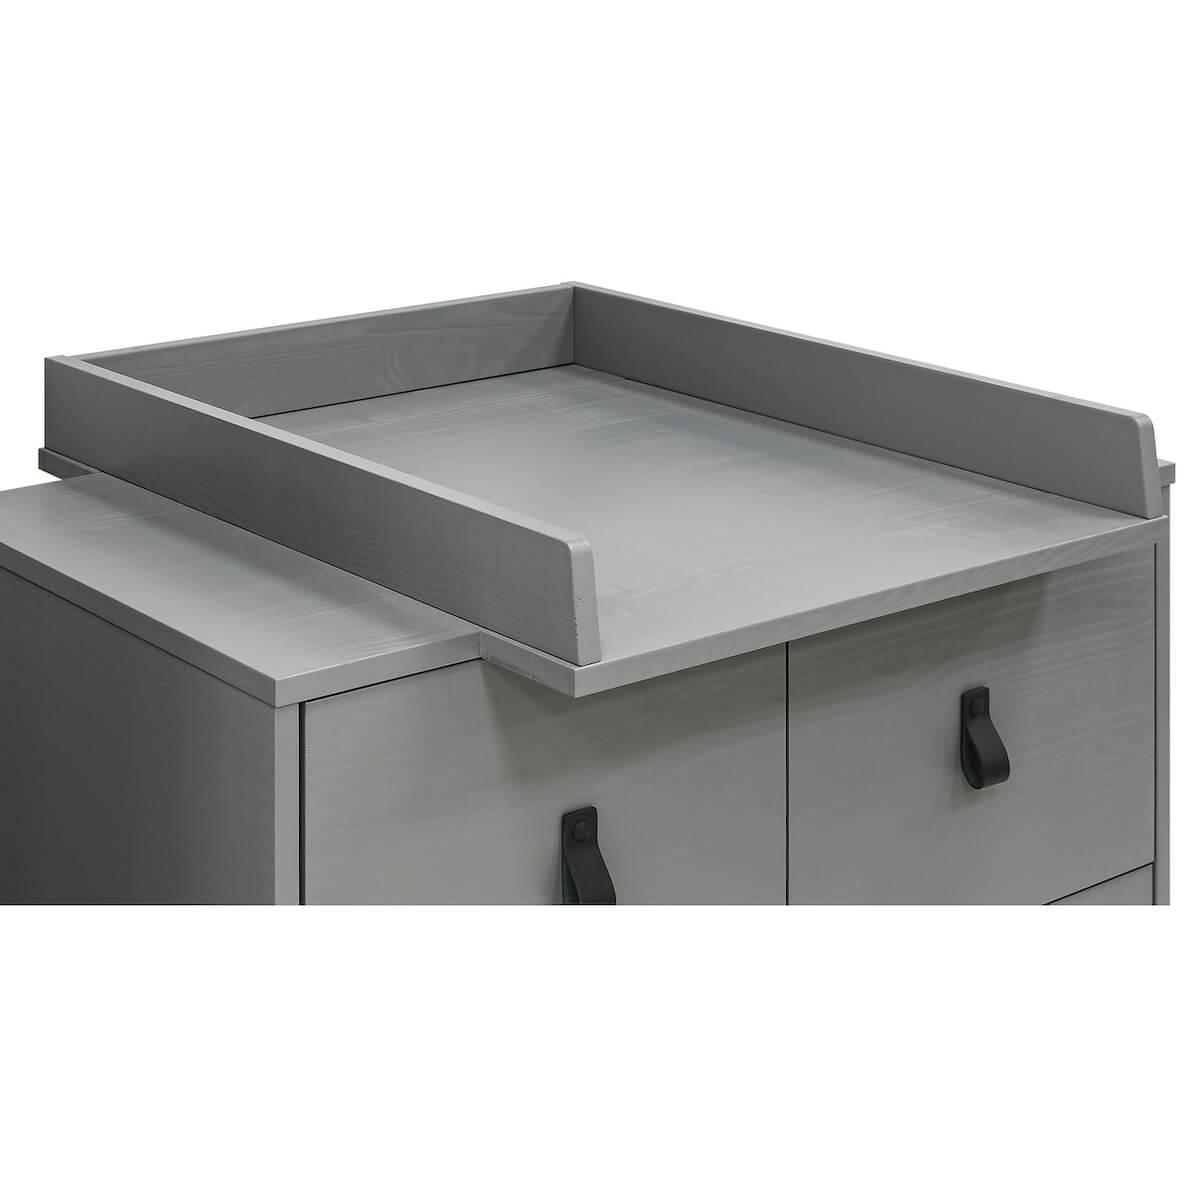 Plan à langer MILO Bopita Steel Grey